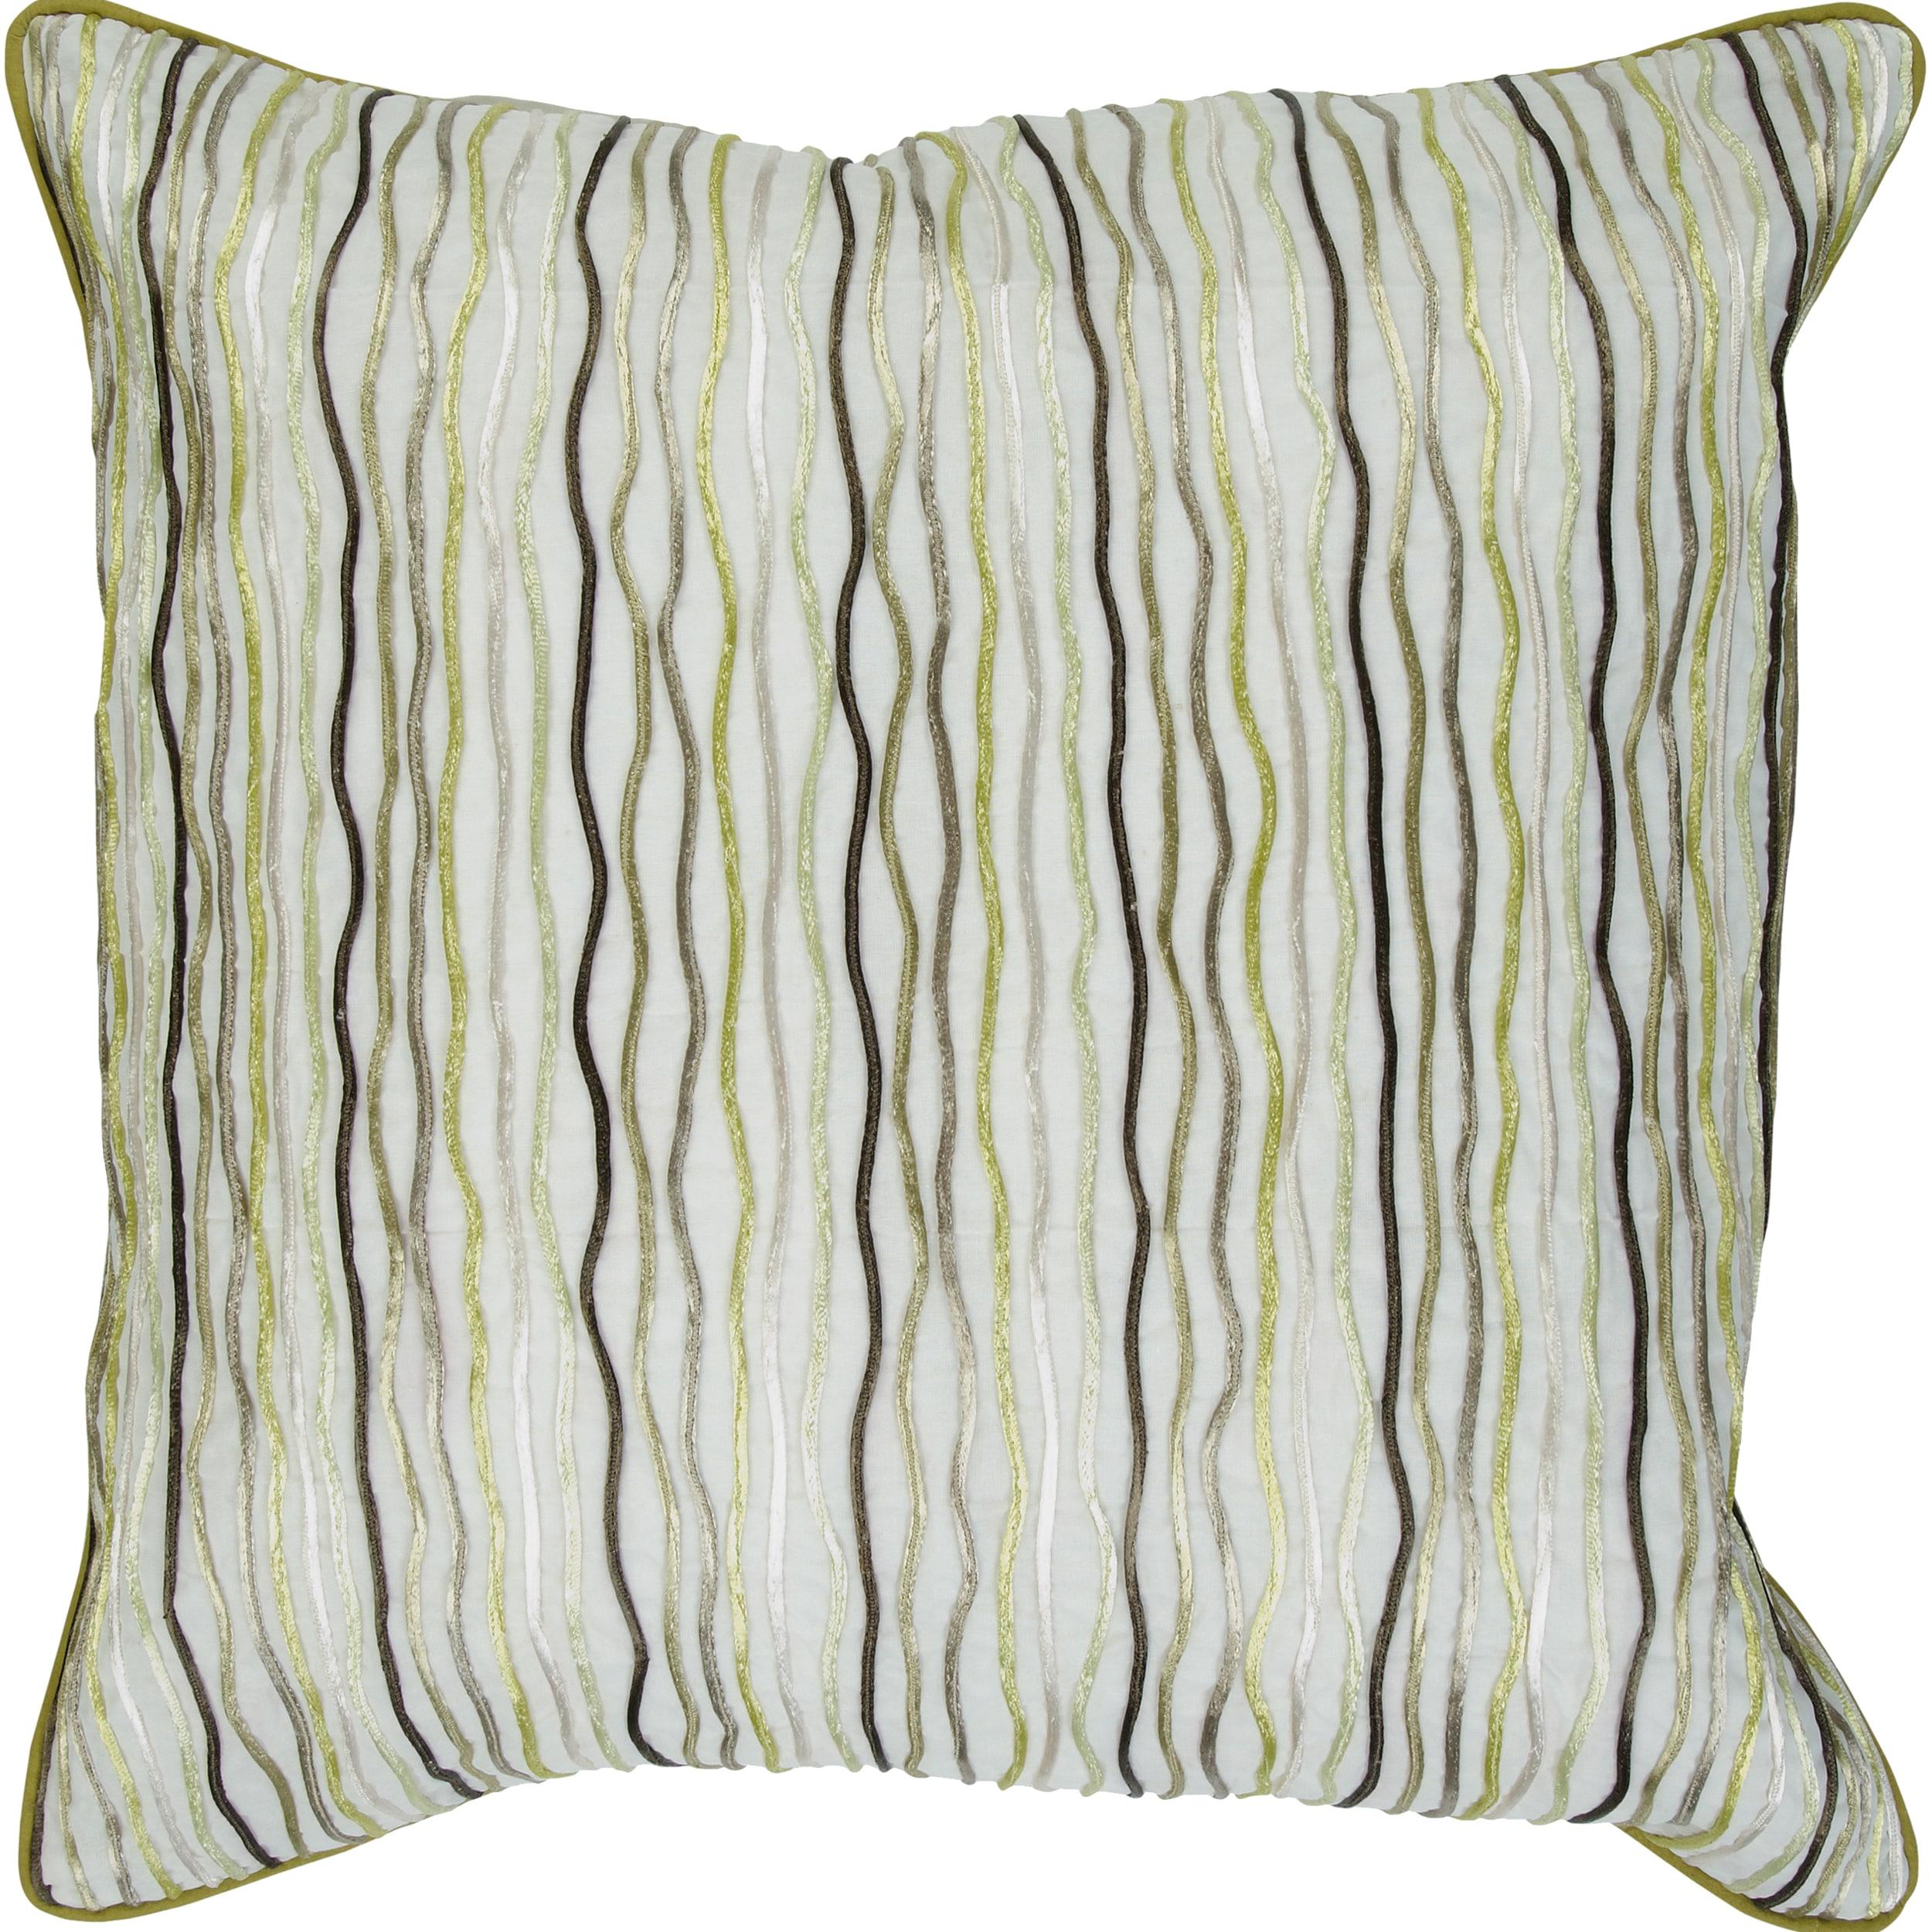 Decorative 22x22 Sumter Pillow